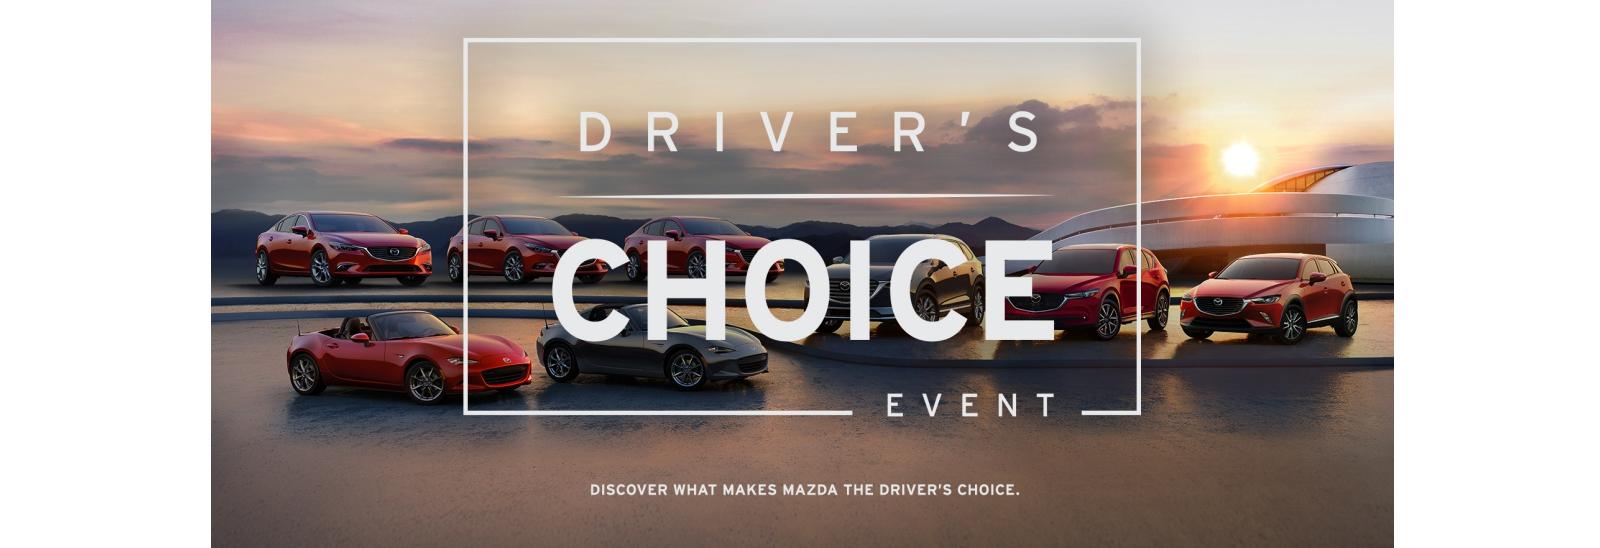 DriversChoice